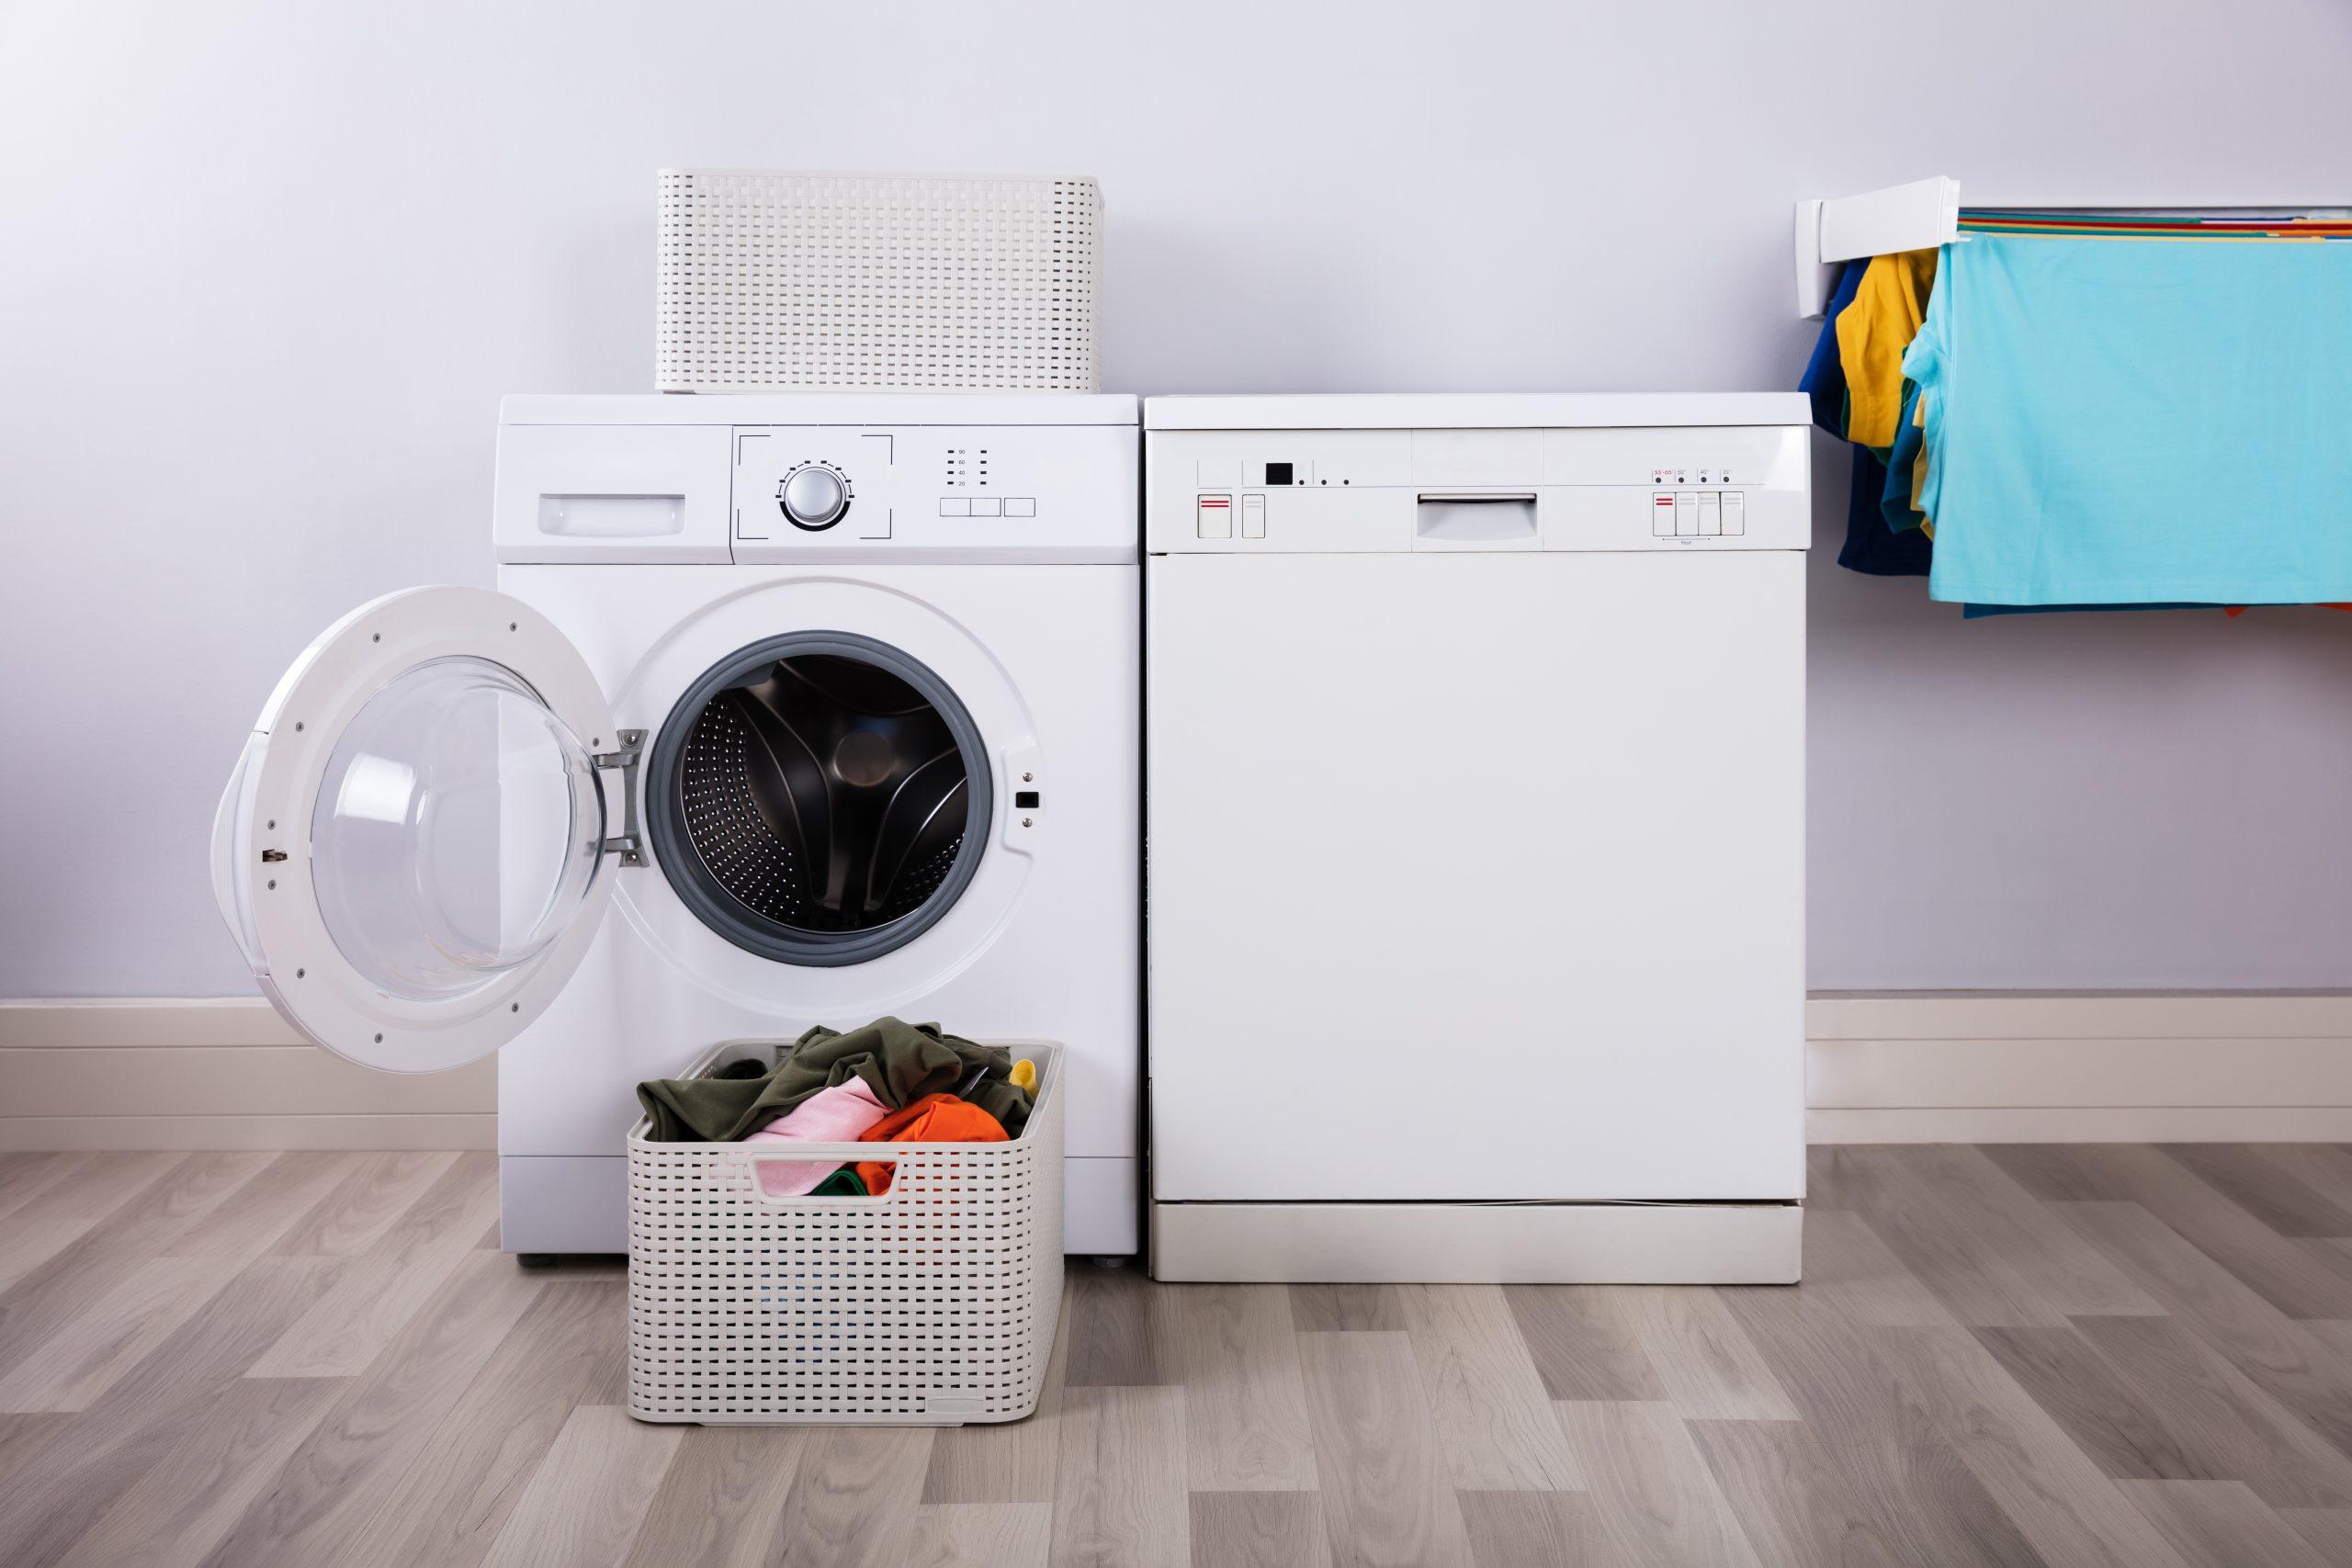 Lavadora junto a canasta de ropa